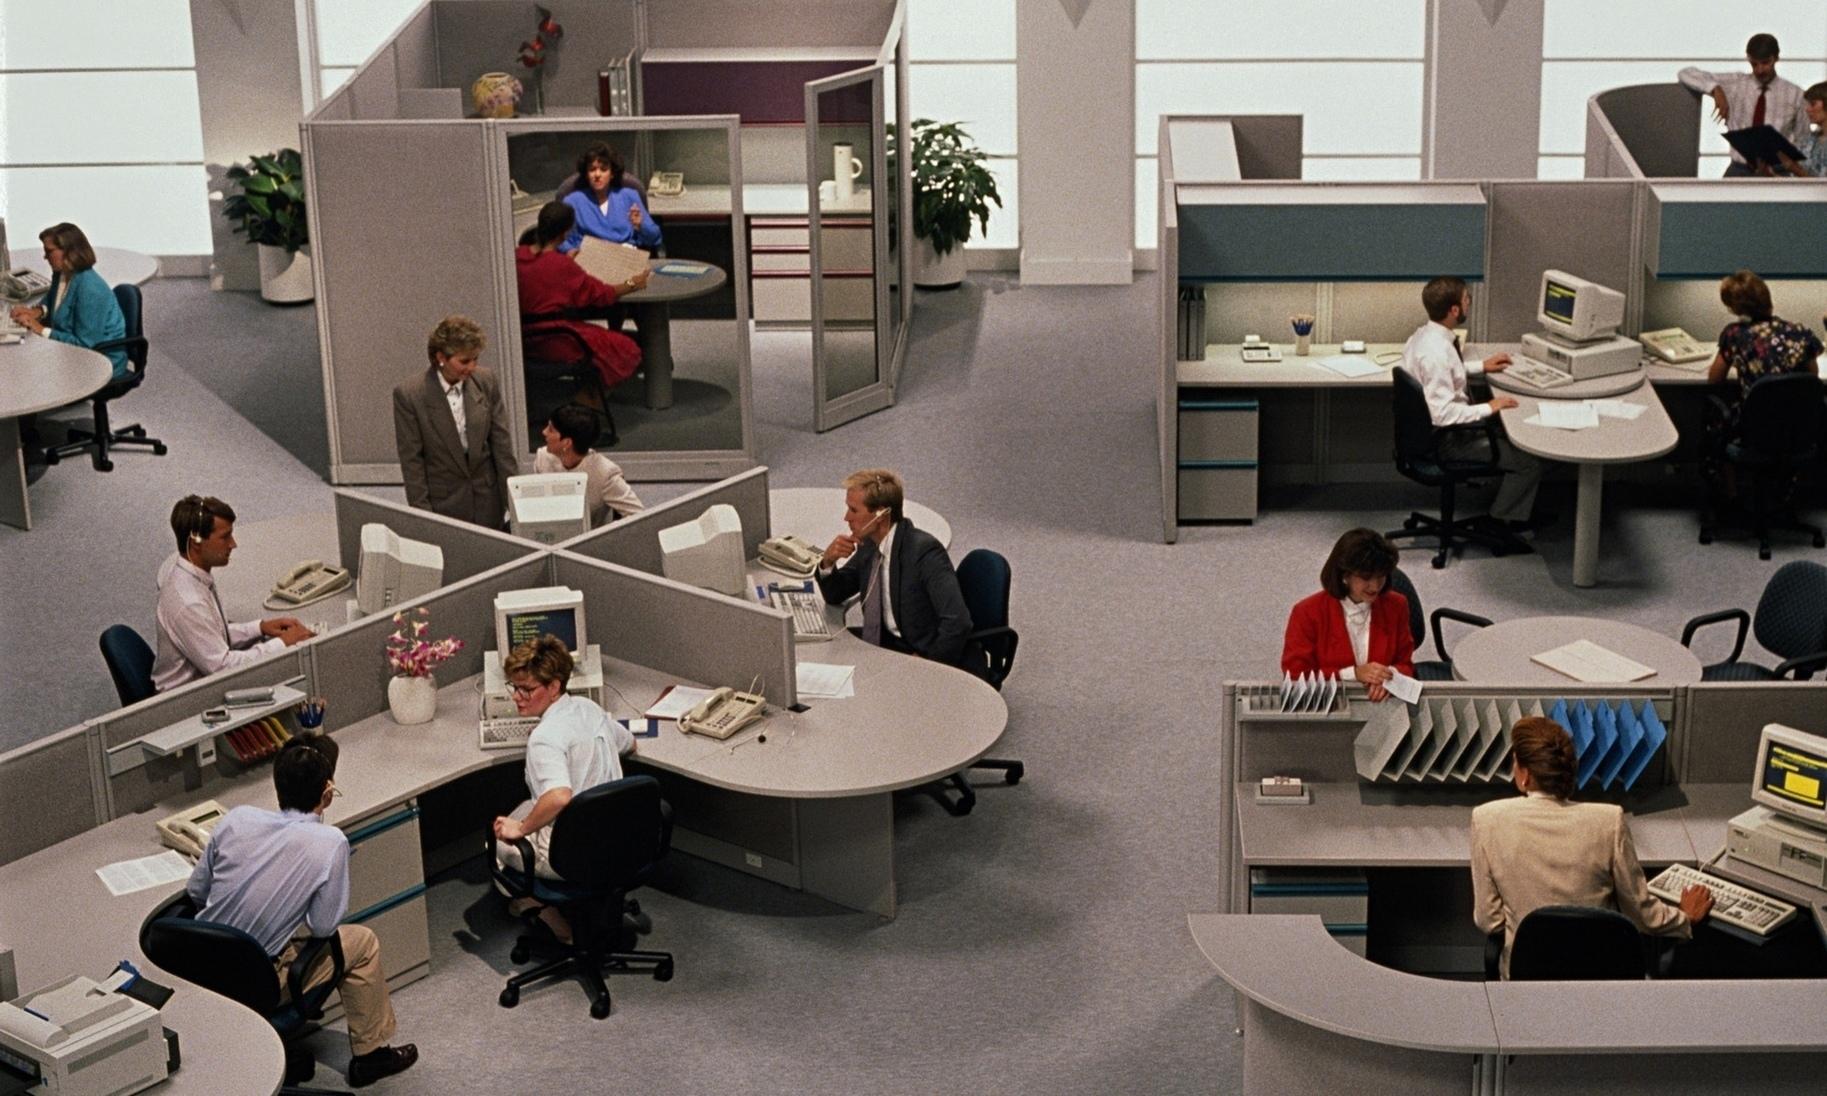 Сес в офисе 3 фотография